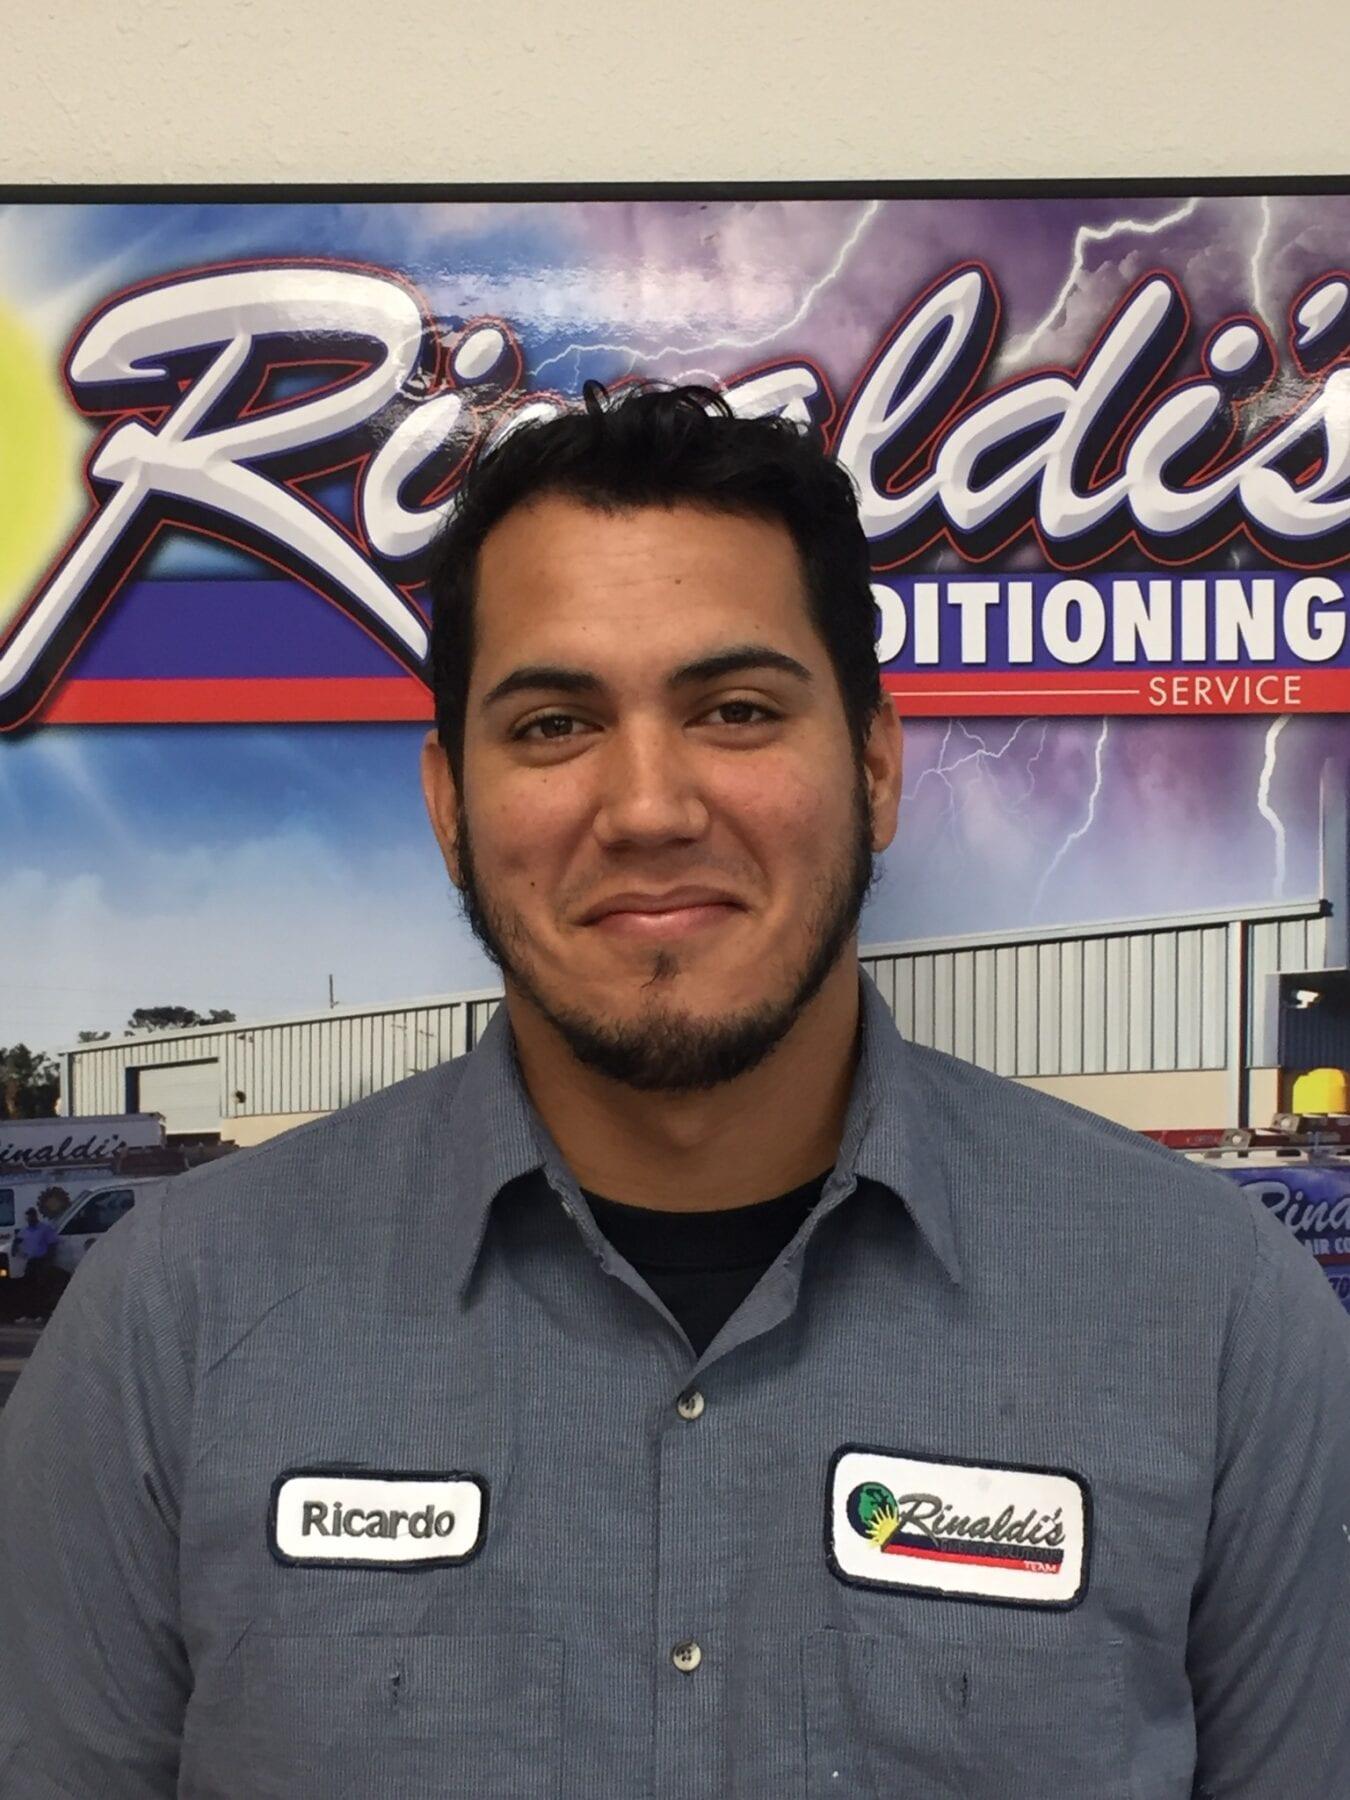 Ricardo Resto